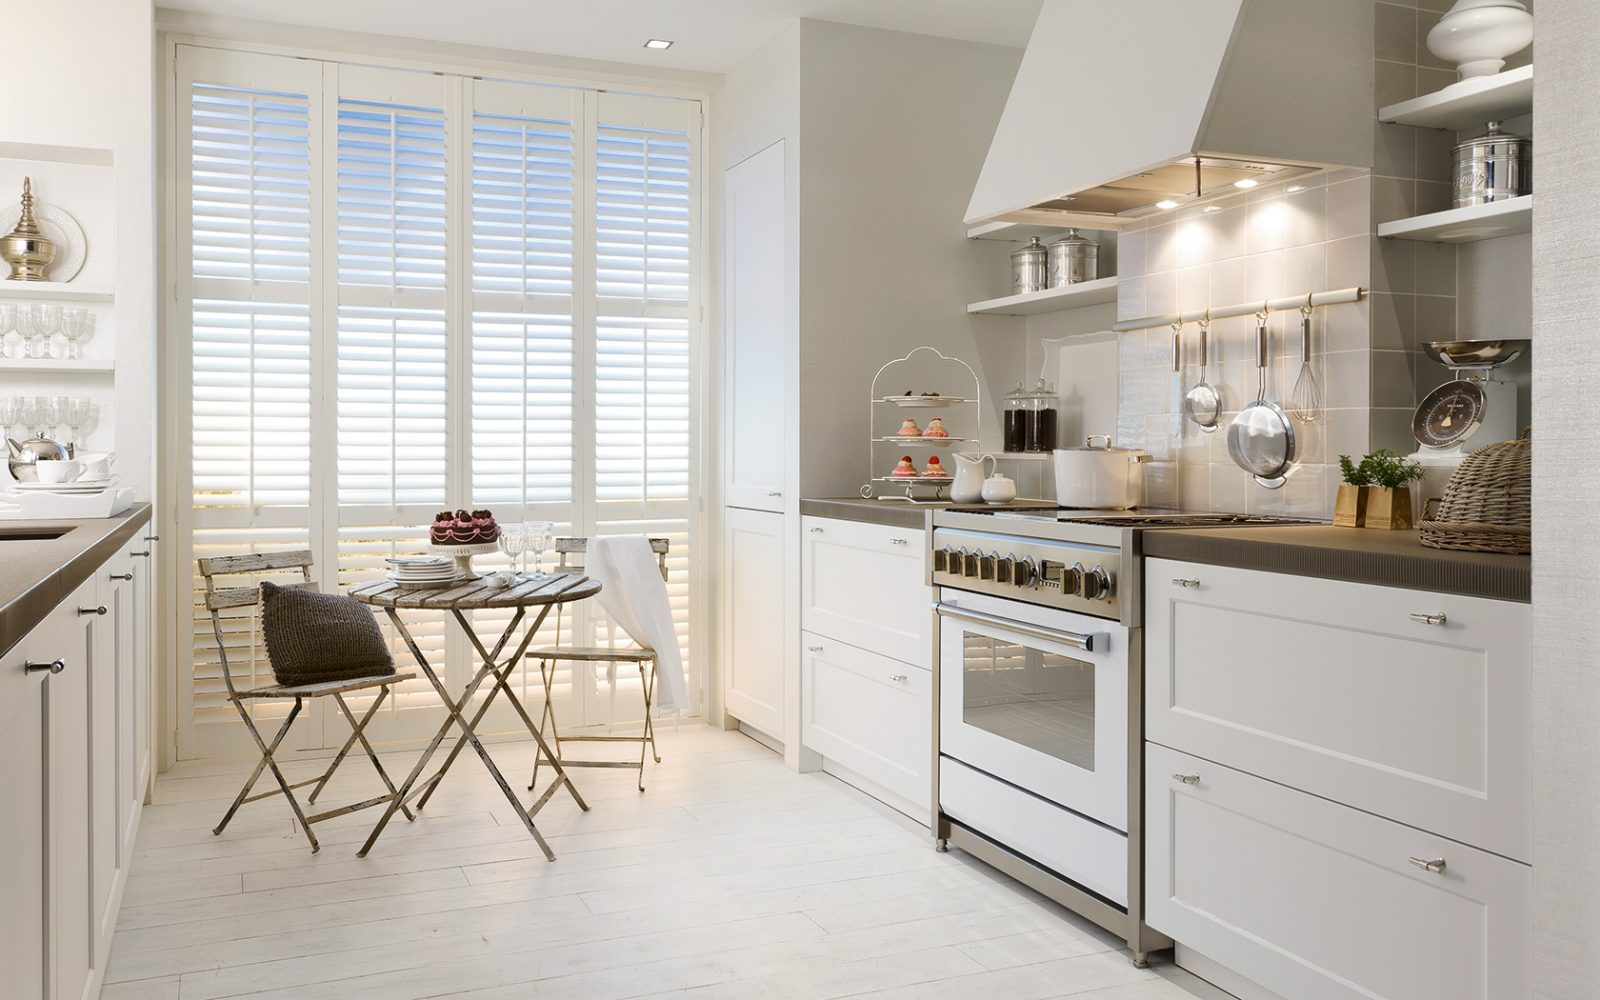 Galer a de im genes decoraci n de cocinas cl sicas for Muebles de cocina clasicos